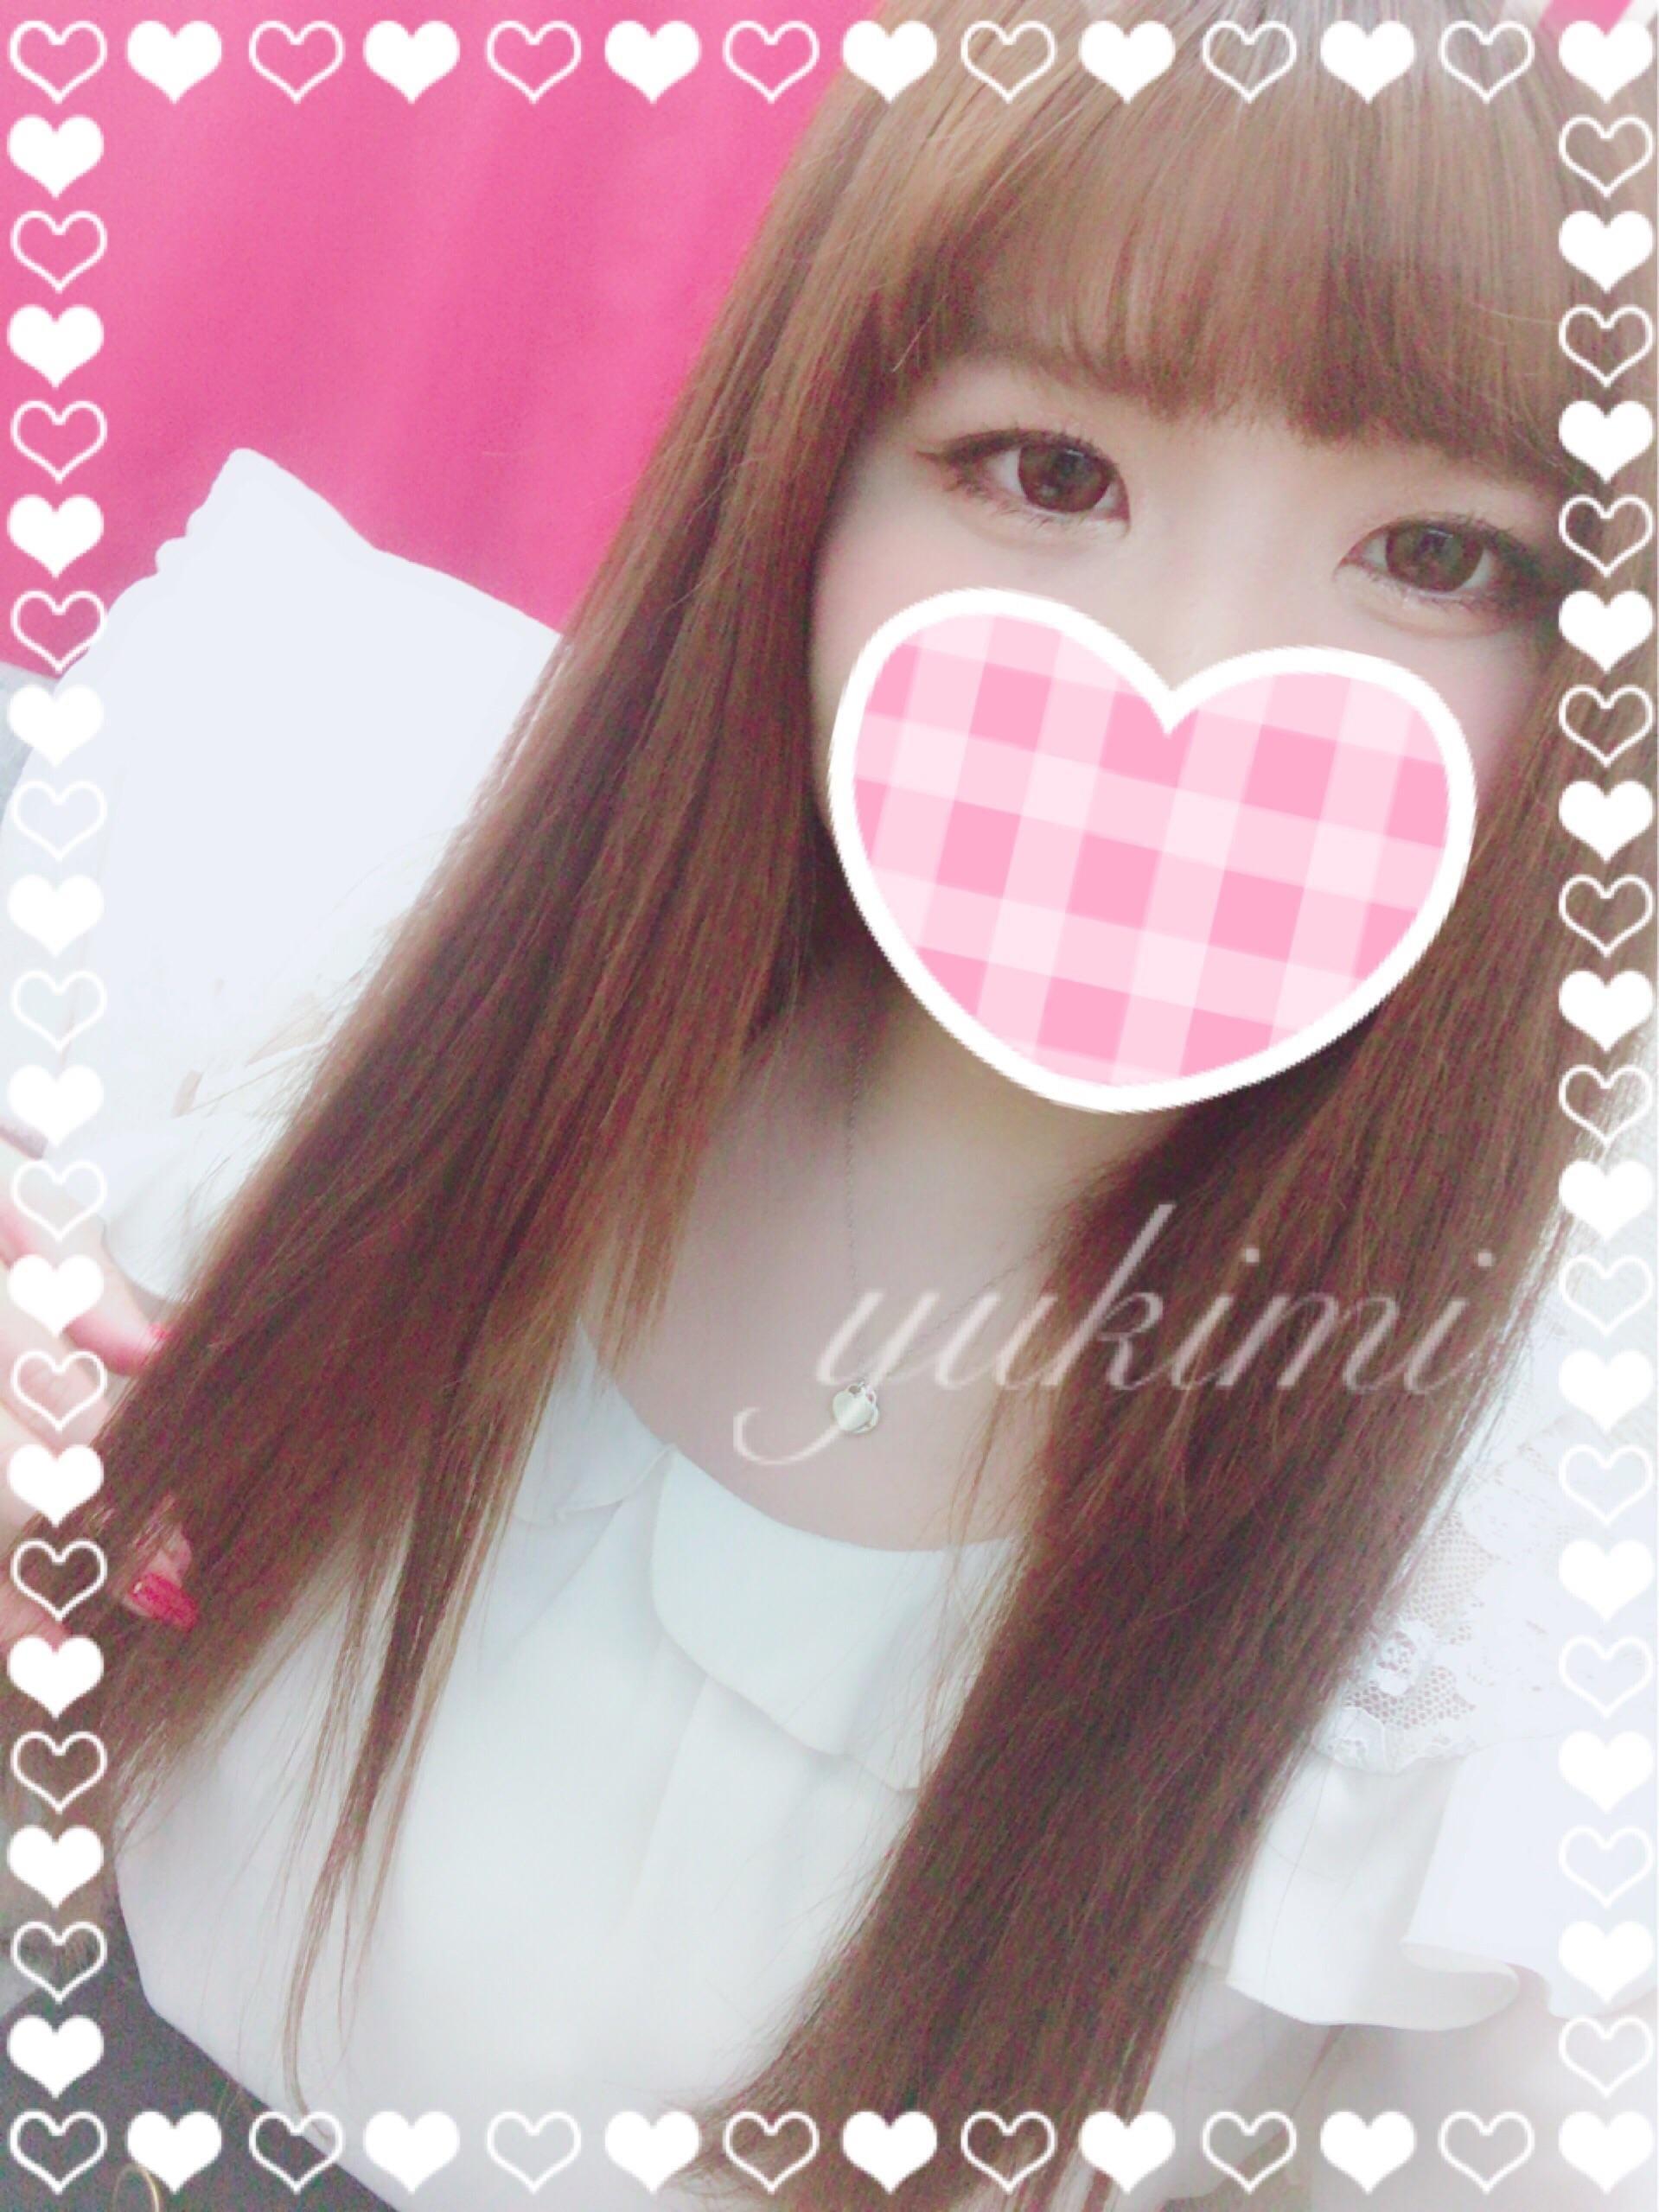 ゆきみ「ありがとう♡」06/18(月) 23:33   ゆきみの写メ・風俗動画